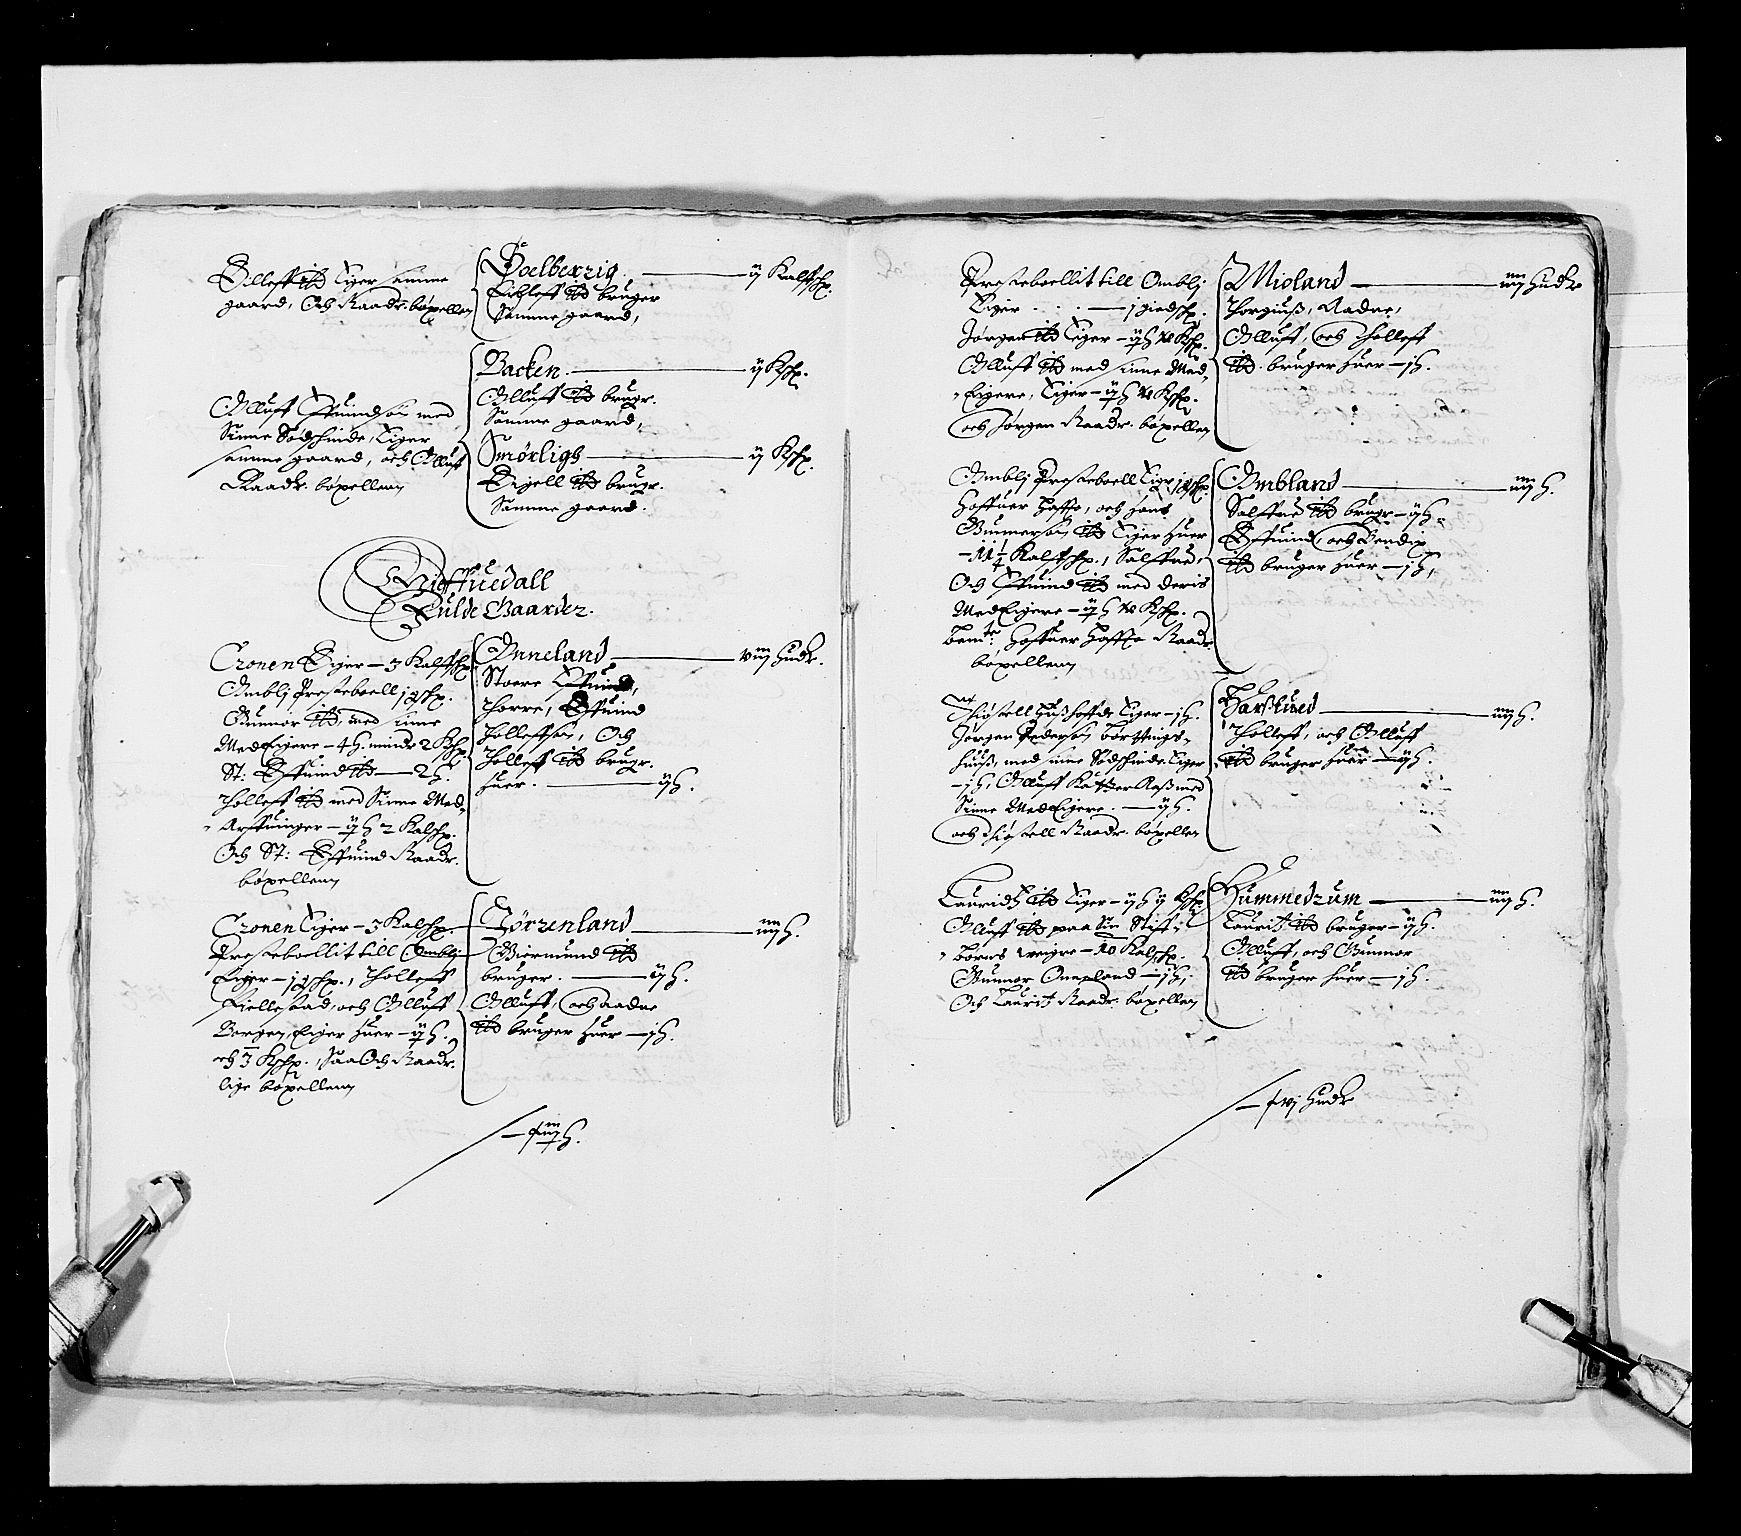 RA, Stattholderembetet 1572-1771, Ek/L0023: Jordebøker 1633-1658:, 1648-1649, s. 9